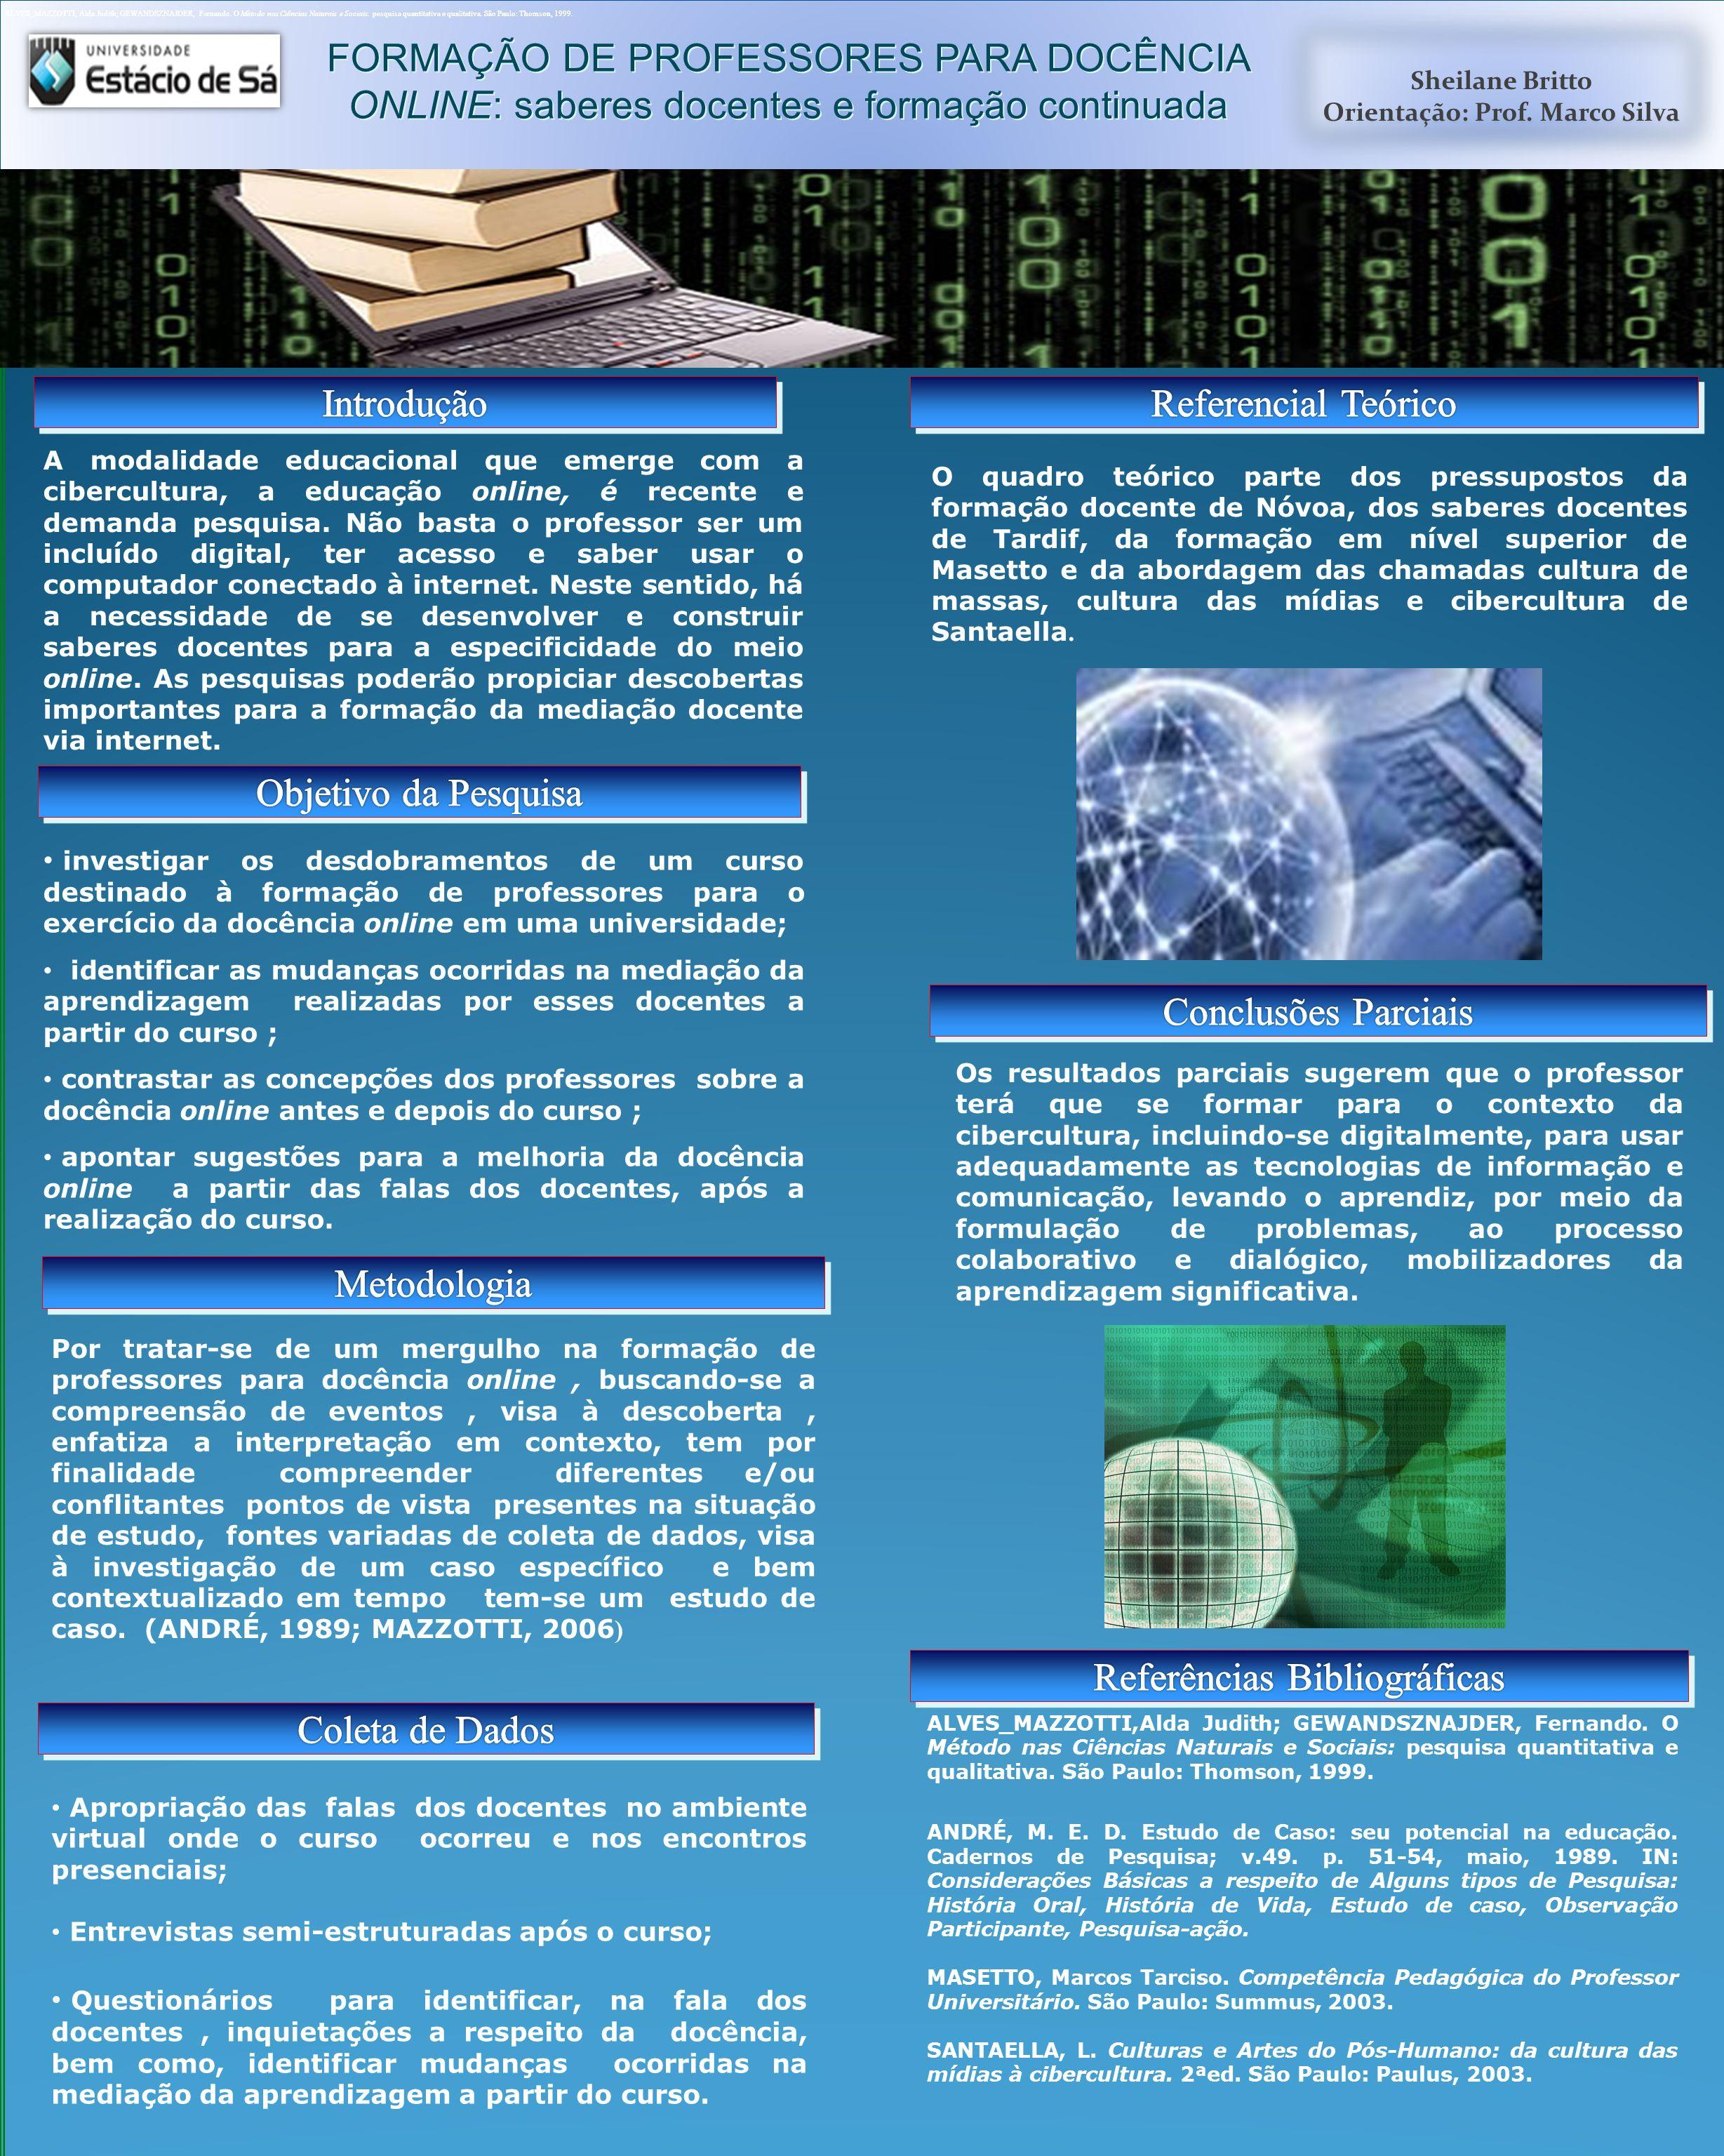 FORMAÇÃO DE PROFESSORES PARA DOCÊNCIA ONLINE: saberes docentes e formação continuada A modalidade educacional que emerge com a cibercultura, a educação online, é recente e demanda pesquisa.